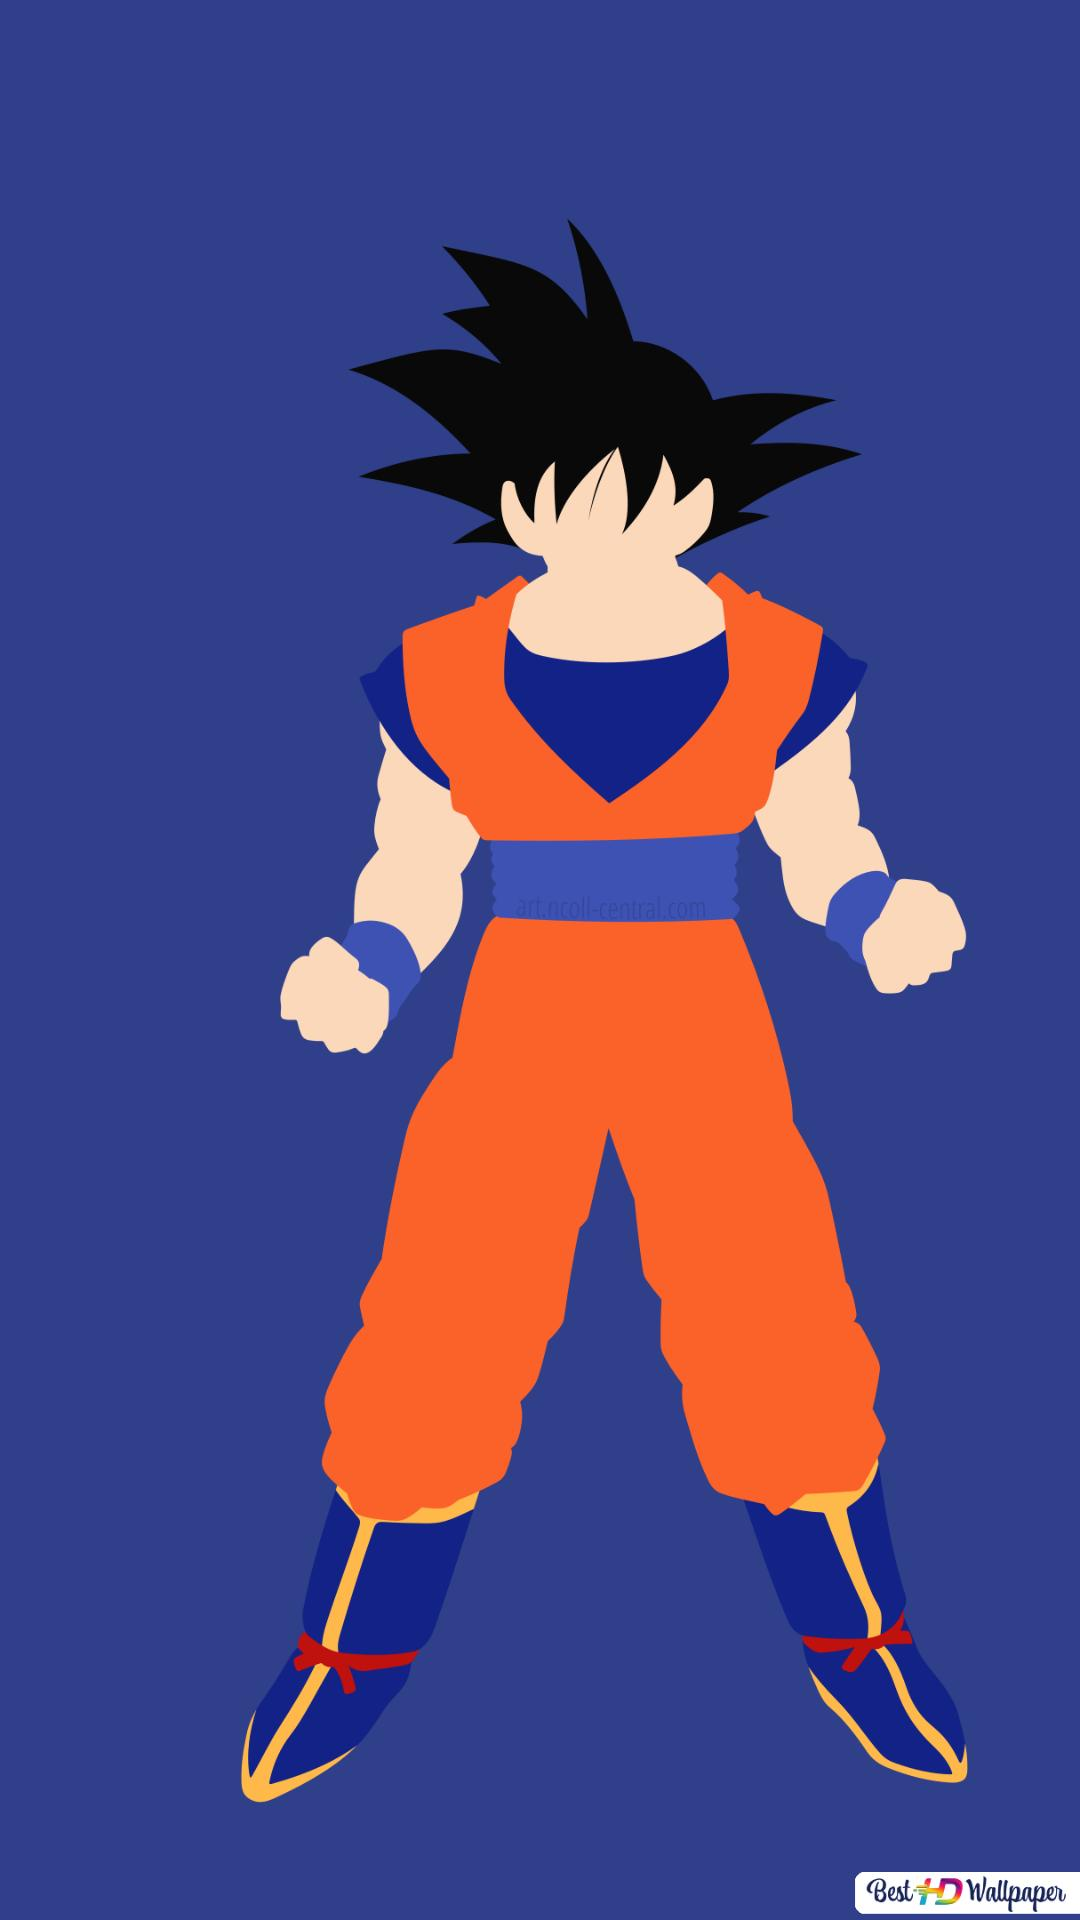 Son Goku Von Dragon Ball Z Hd Hintergrundbilder Herunterladen